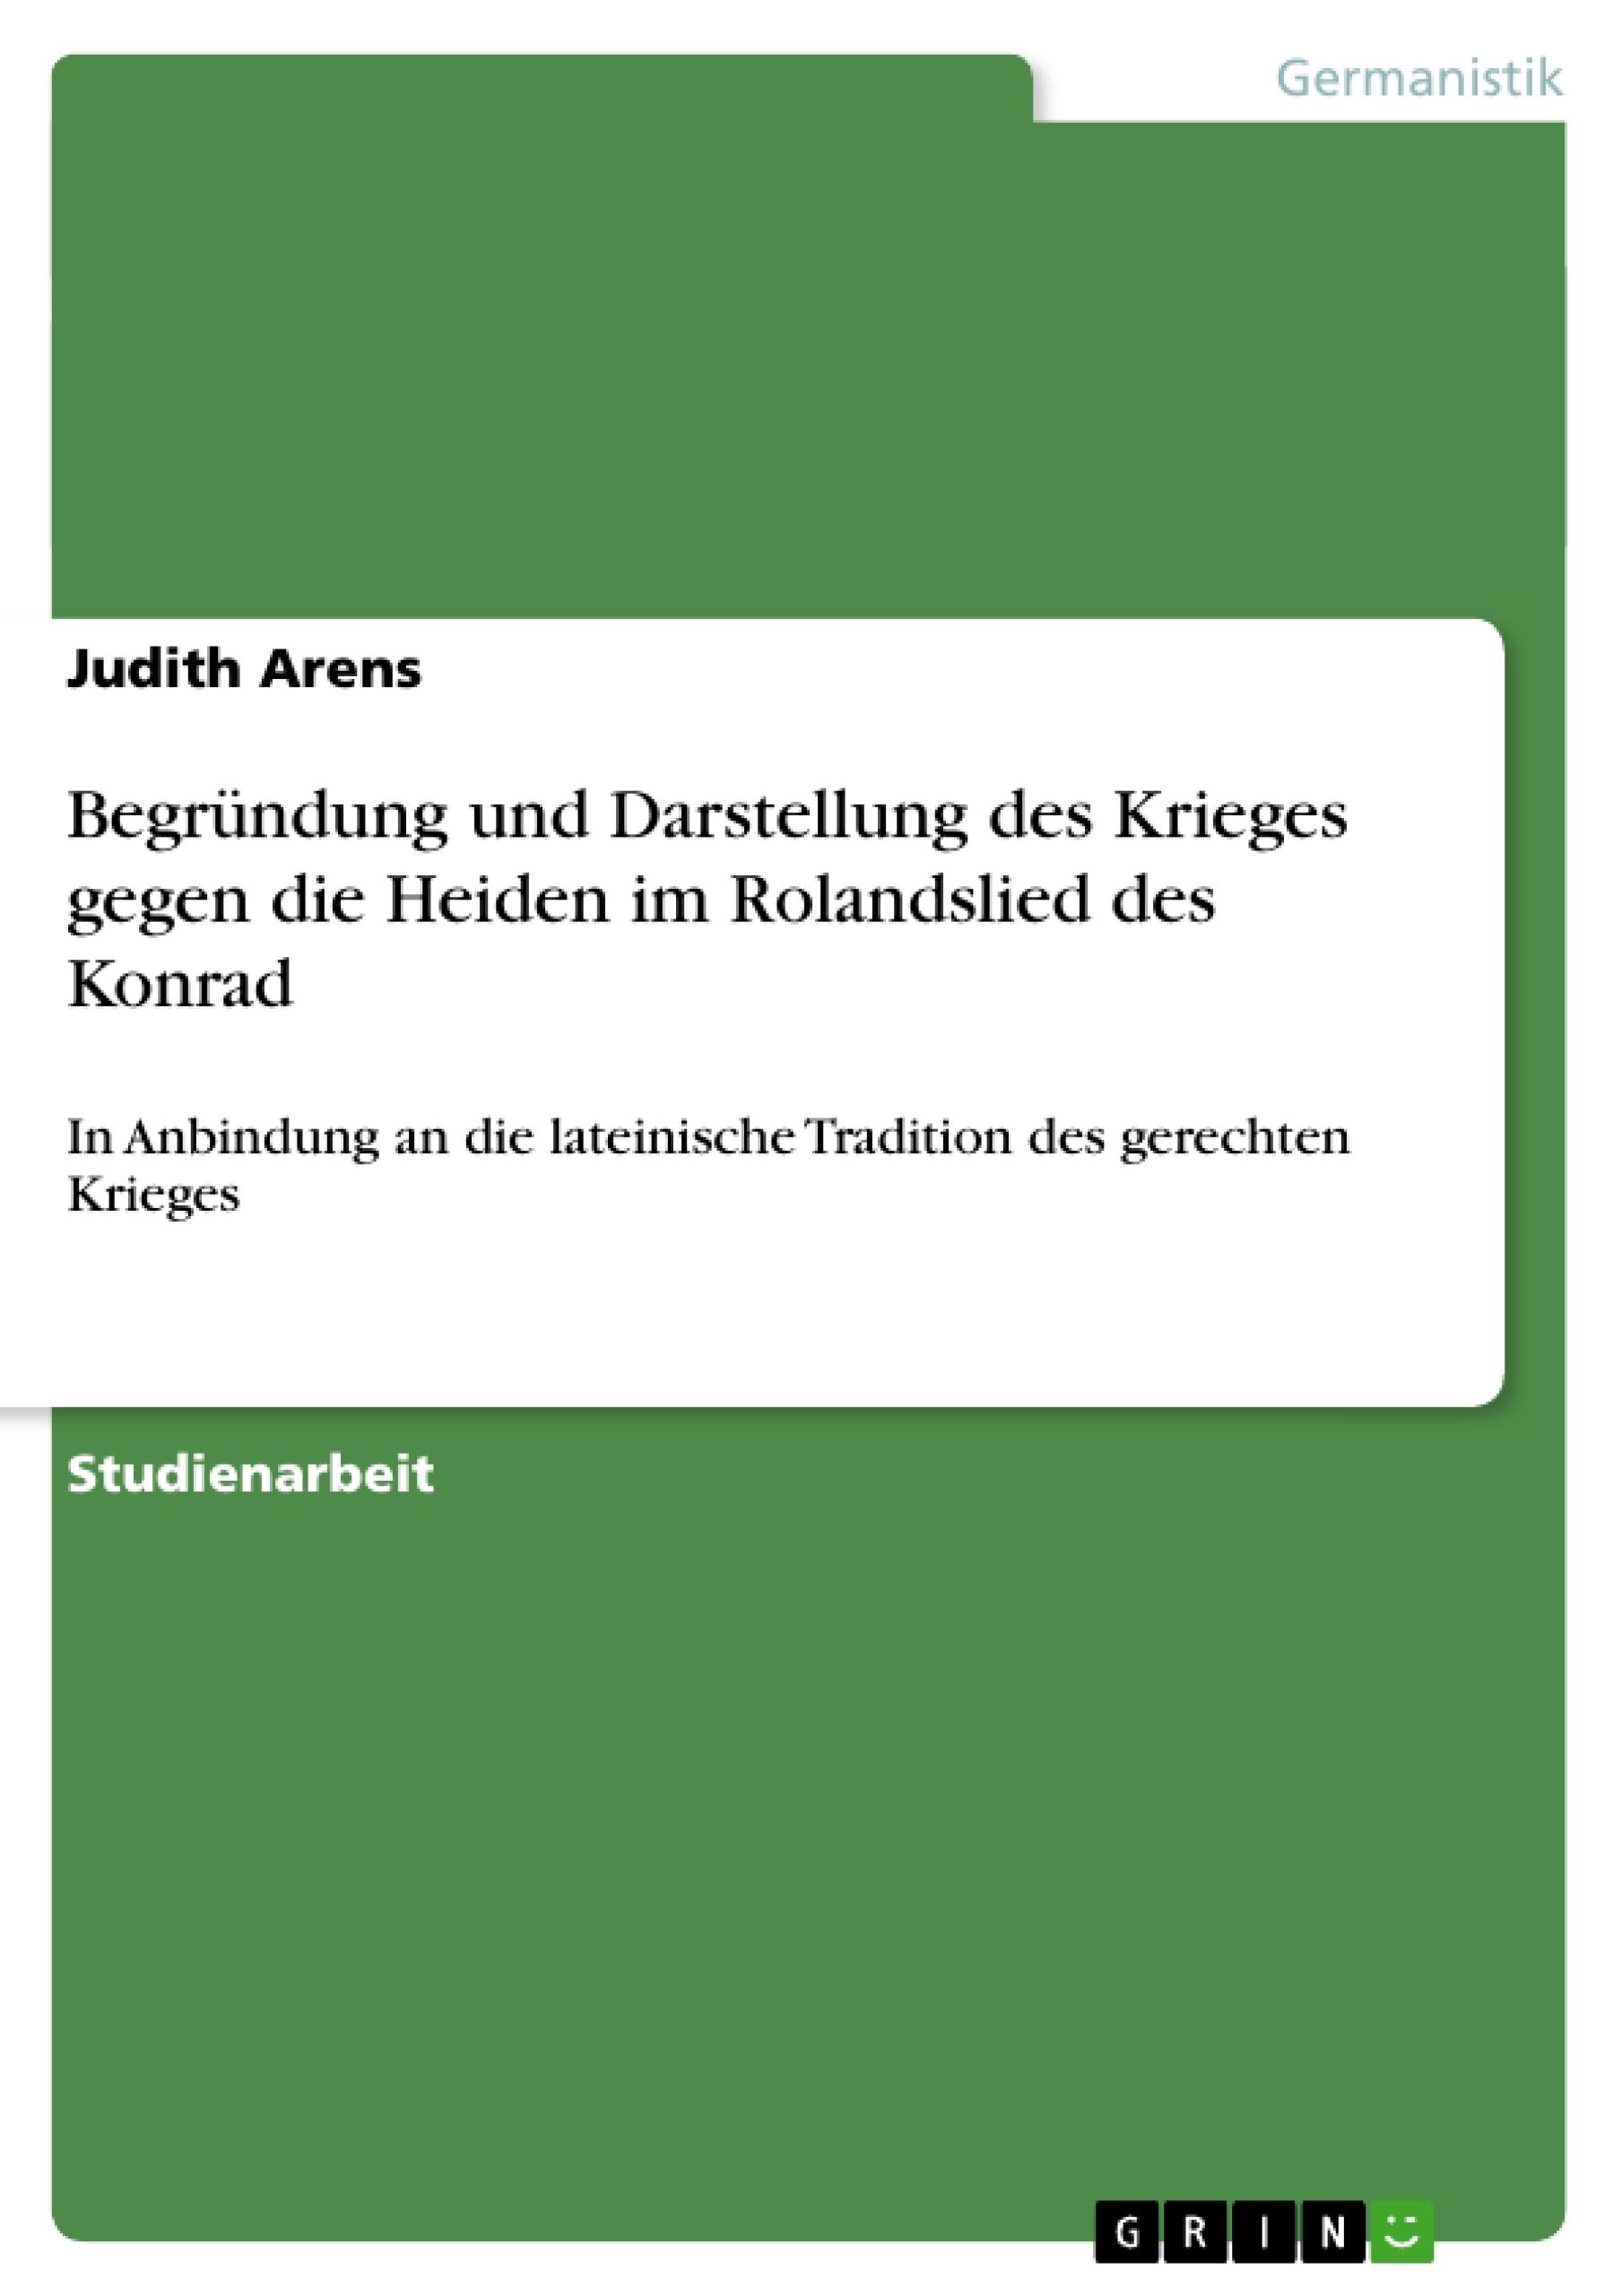 Titel: Begründung und Darstellung des Krieges gegen die Heiden im Rolandslied des Konrad